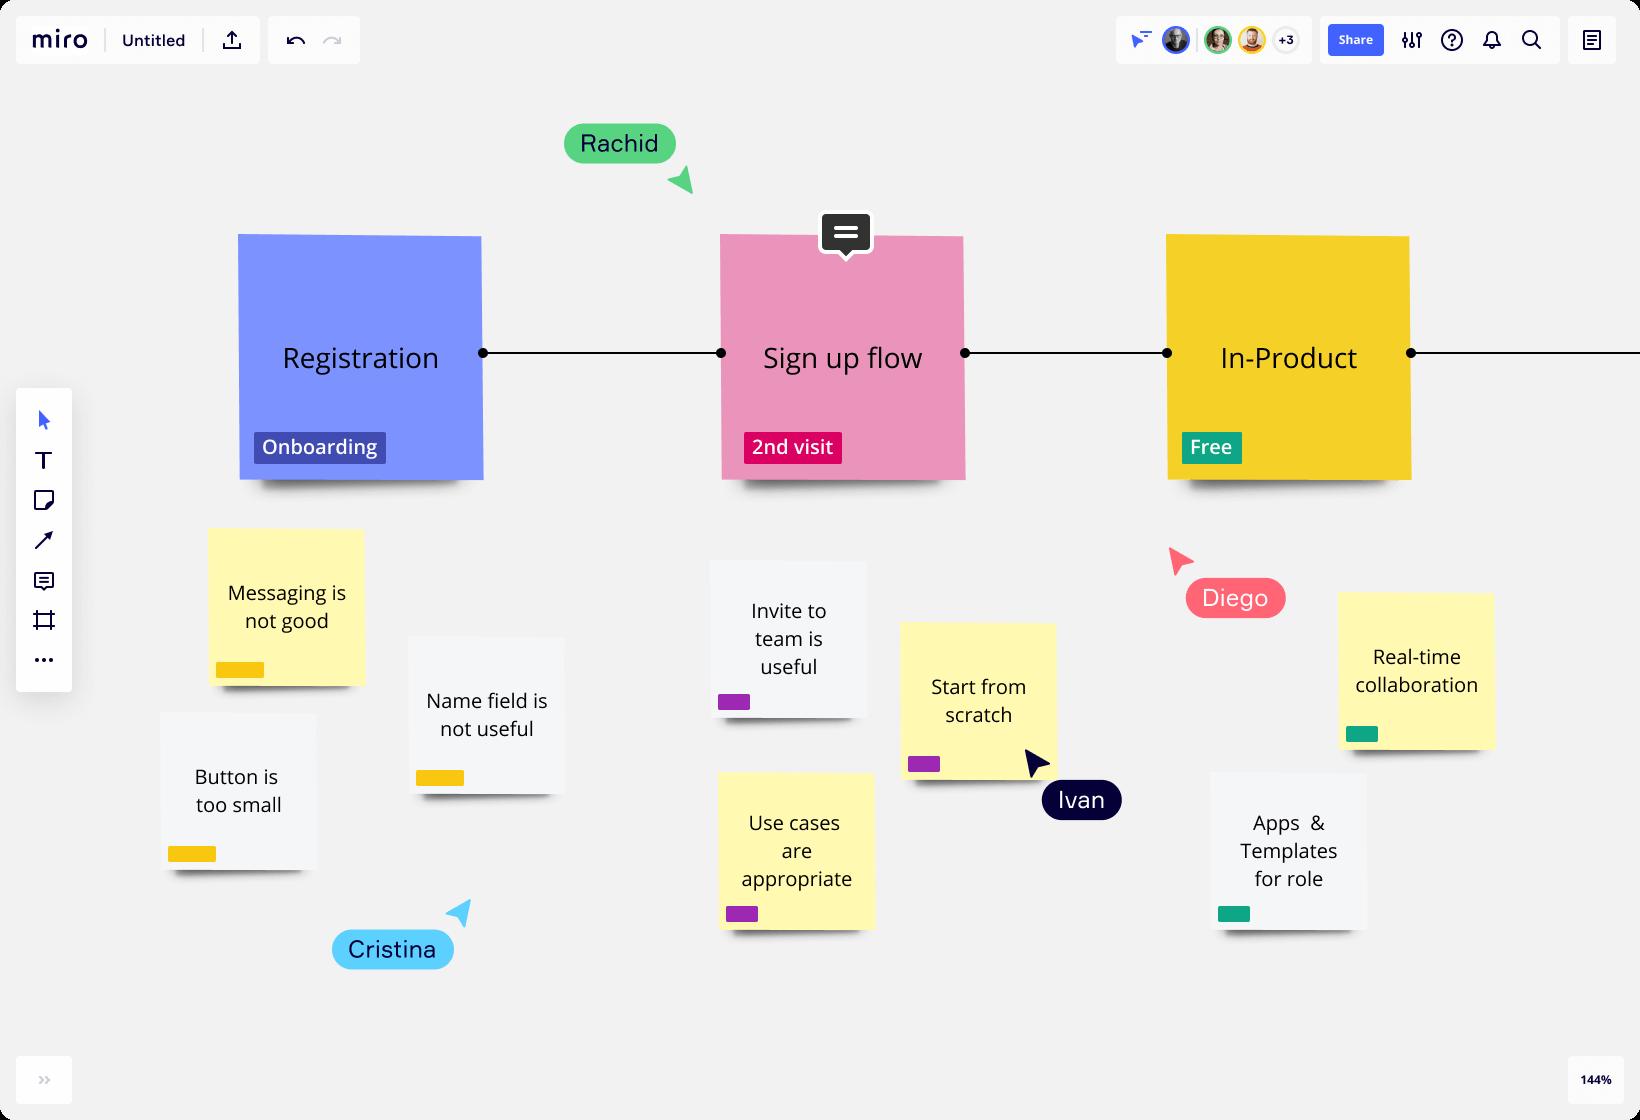 Una plataforma colaborativa visual online para trabajar en equipo | Miro